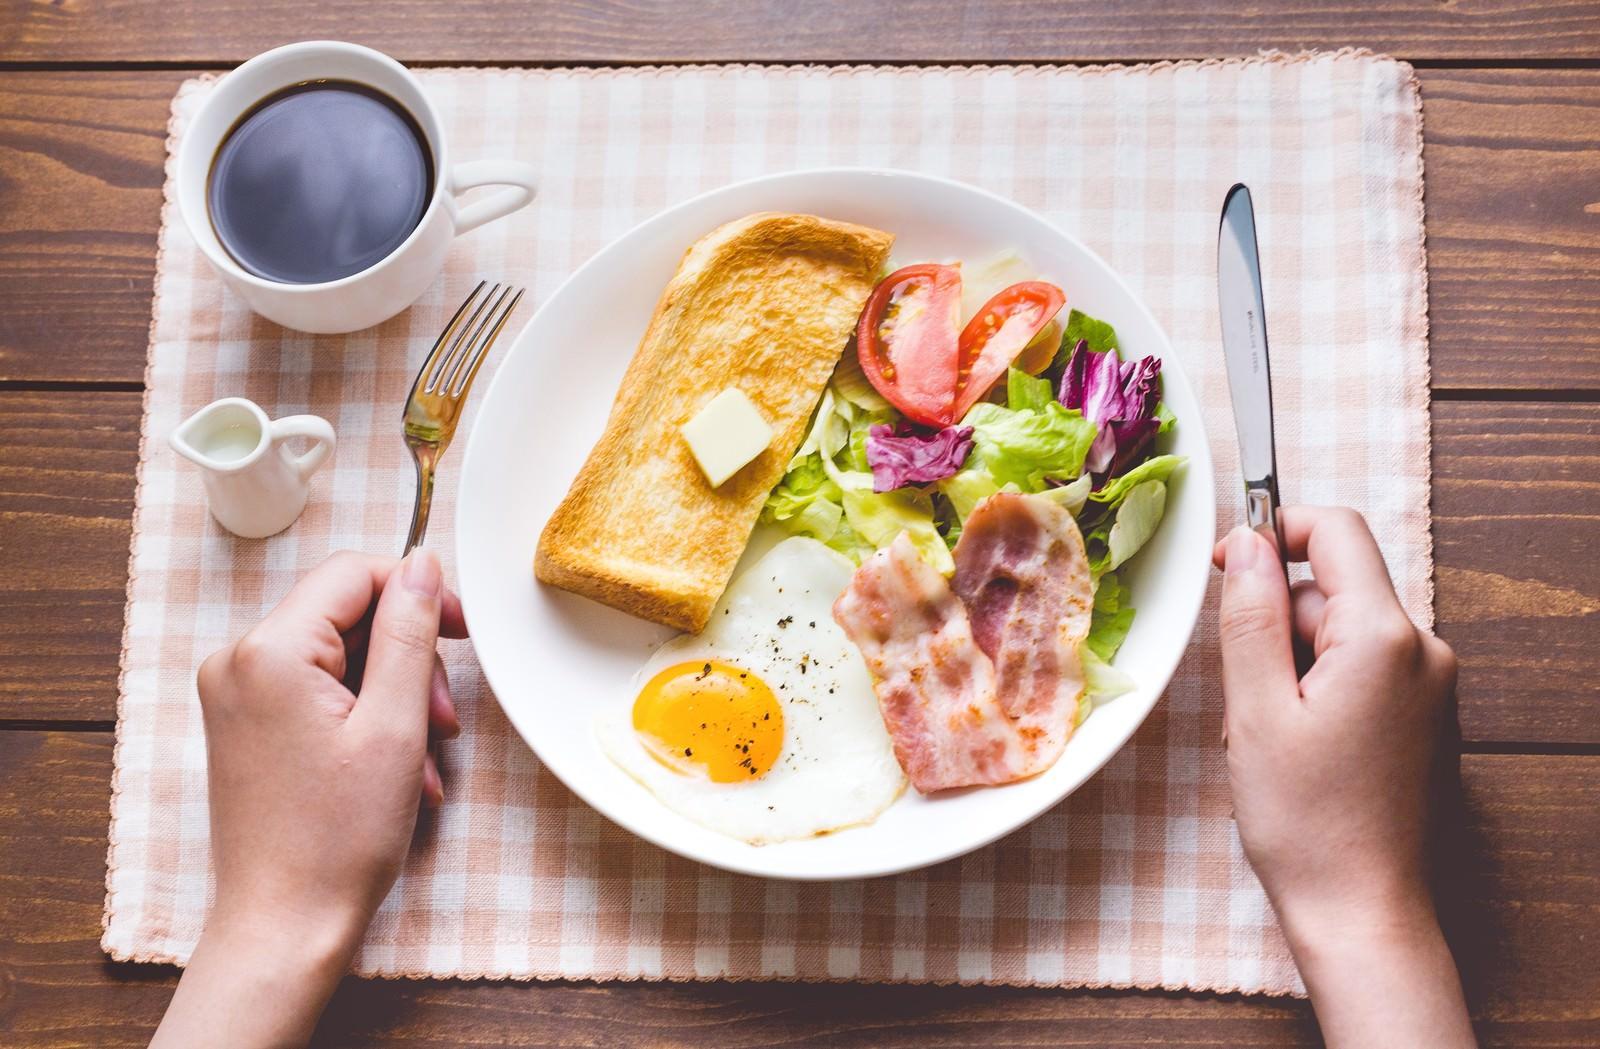 「朝食はコーヒーとパン、目玉焼きにベーコン」の写真